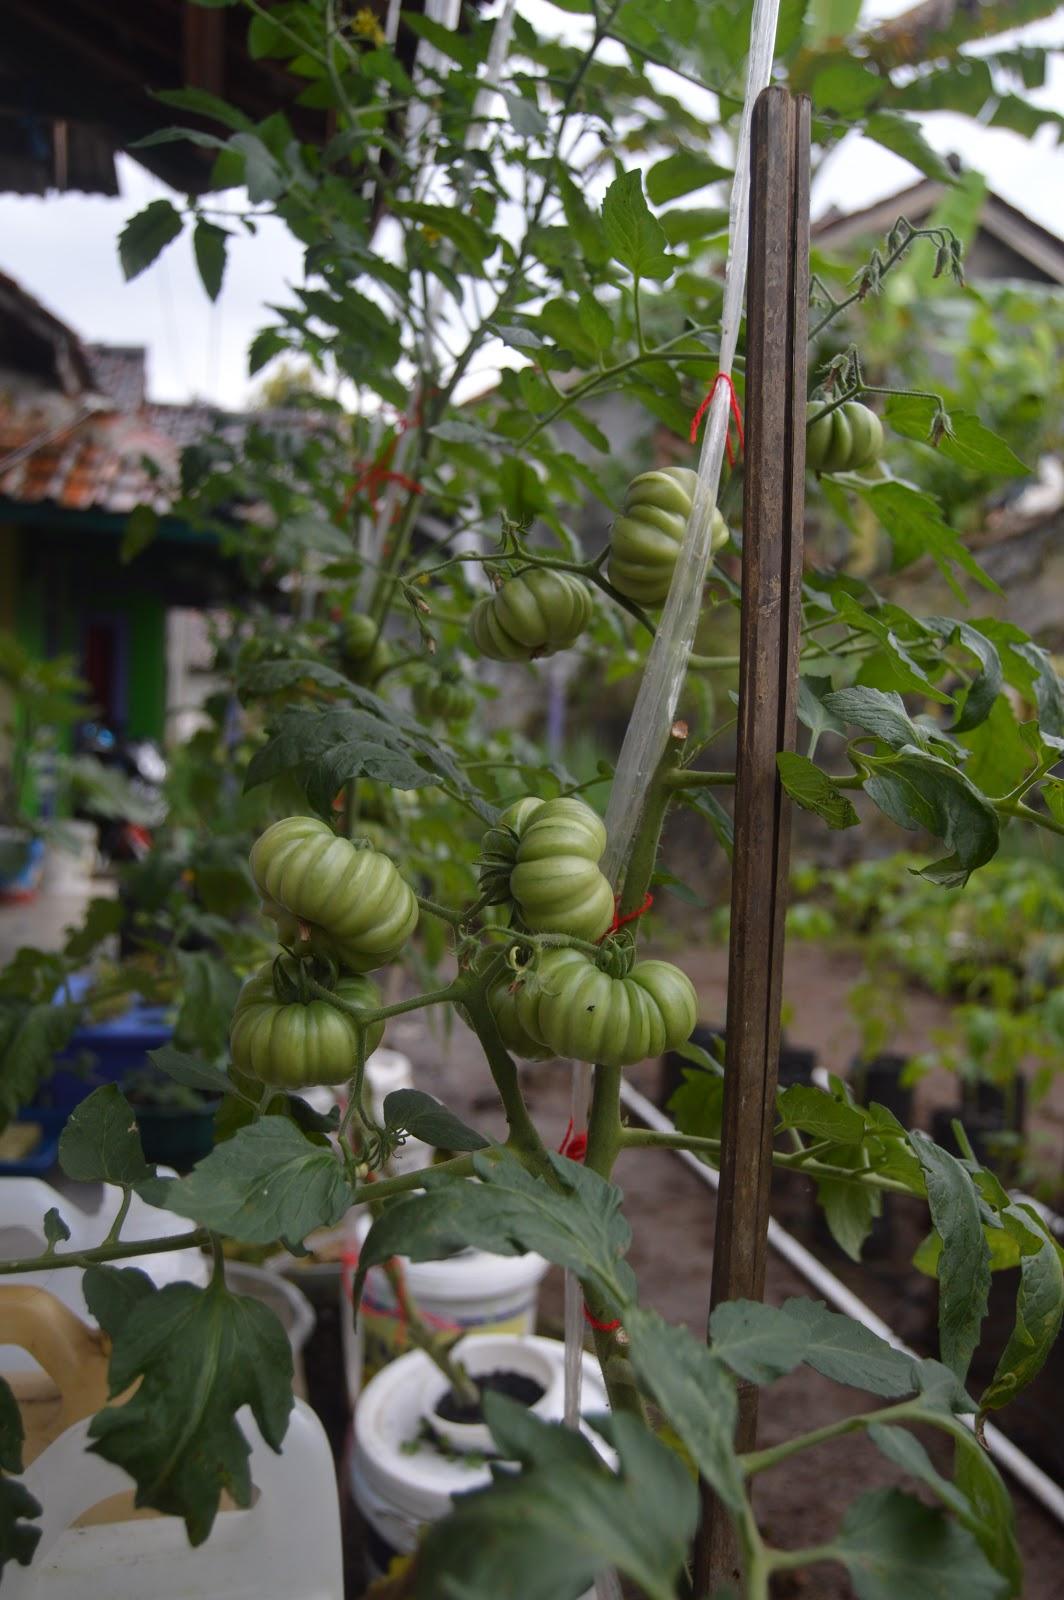 Cara Menanam Tomat Hidroponik : menanam, tomat, hidroponik, Menanam, Tomat, Secara, Hidroponik, Gemilang